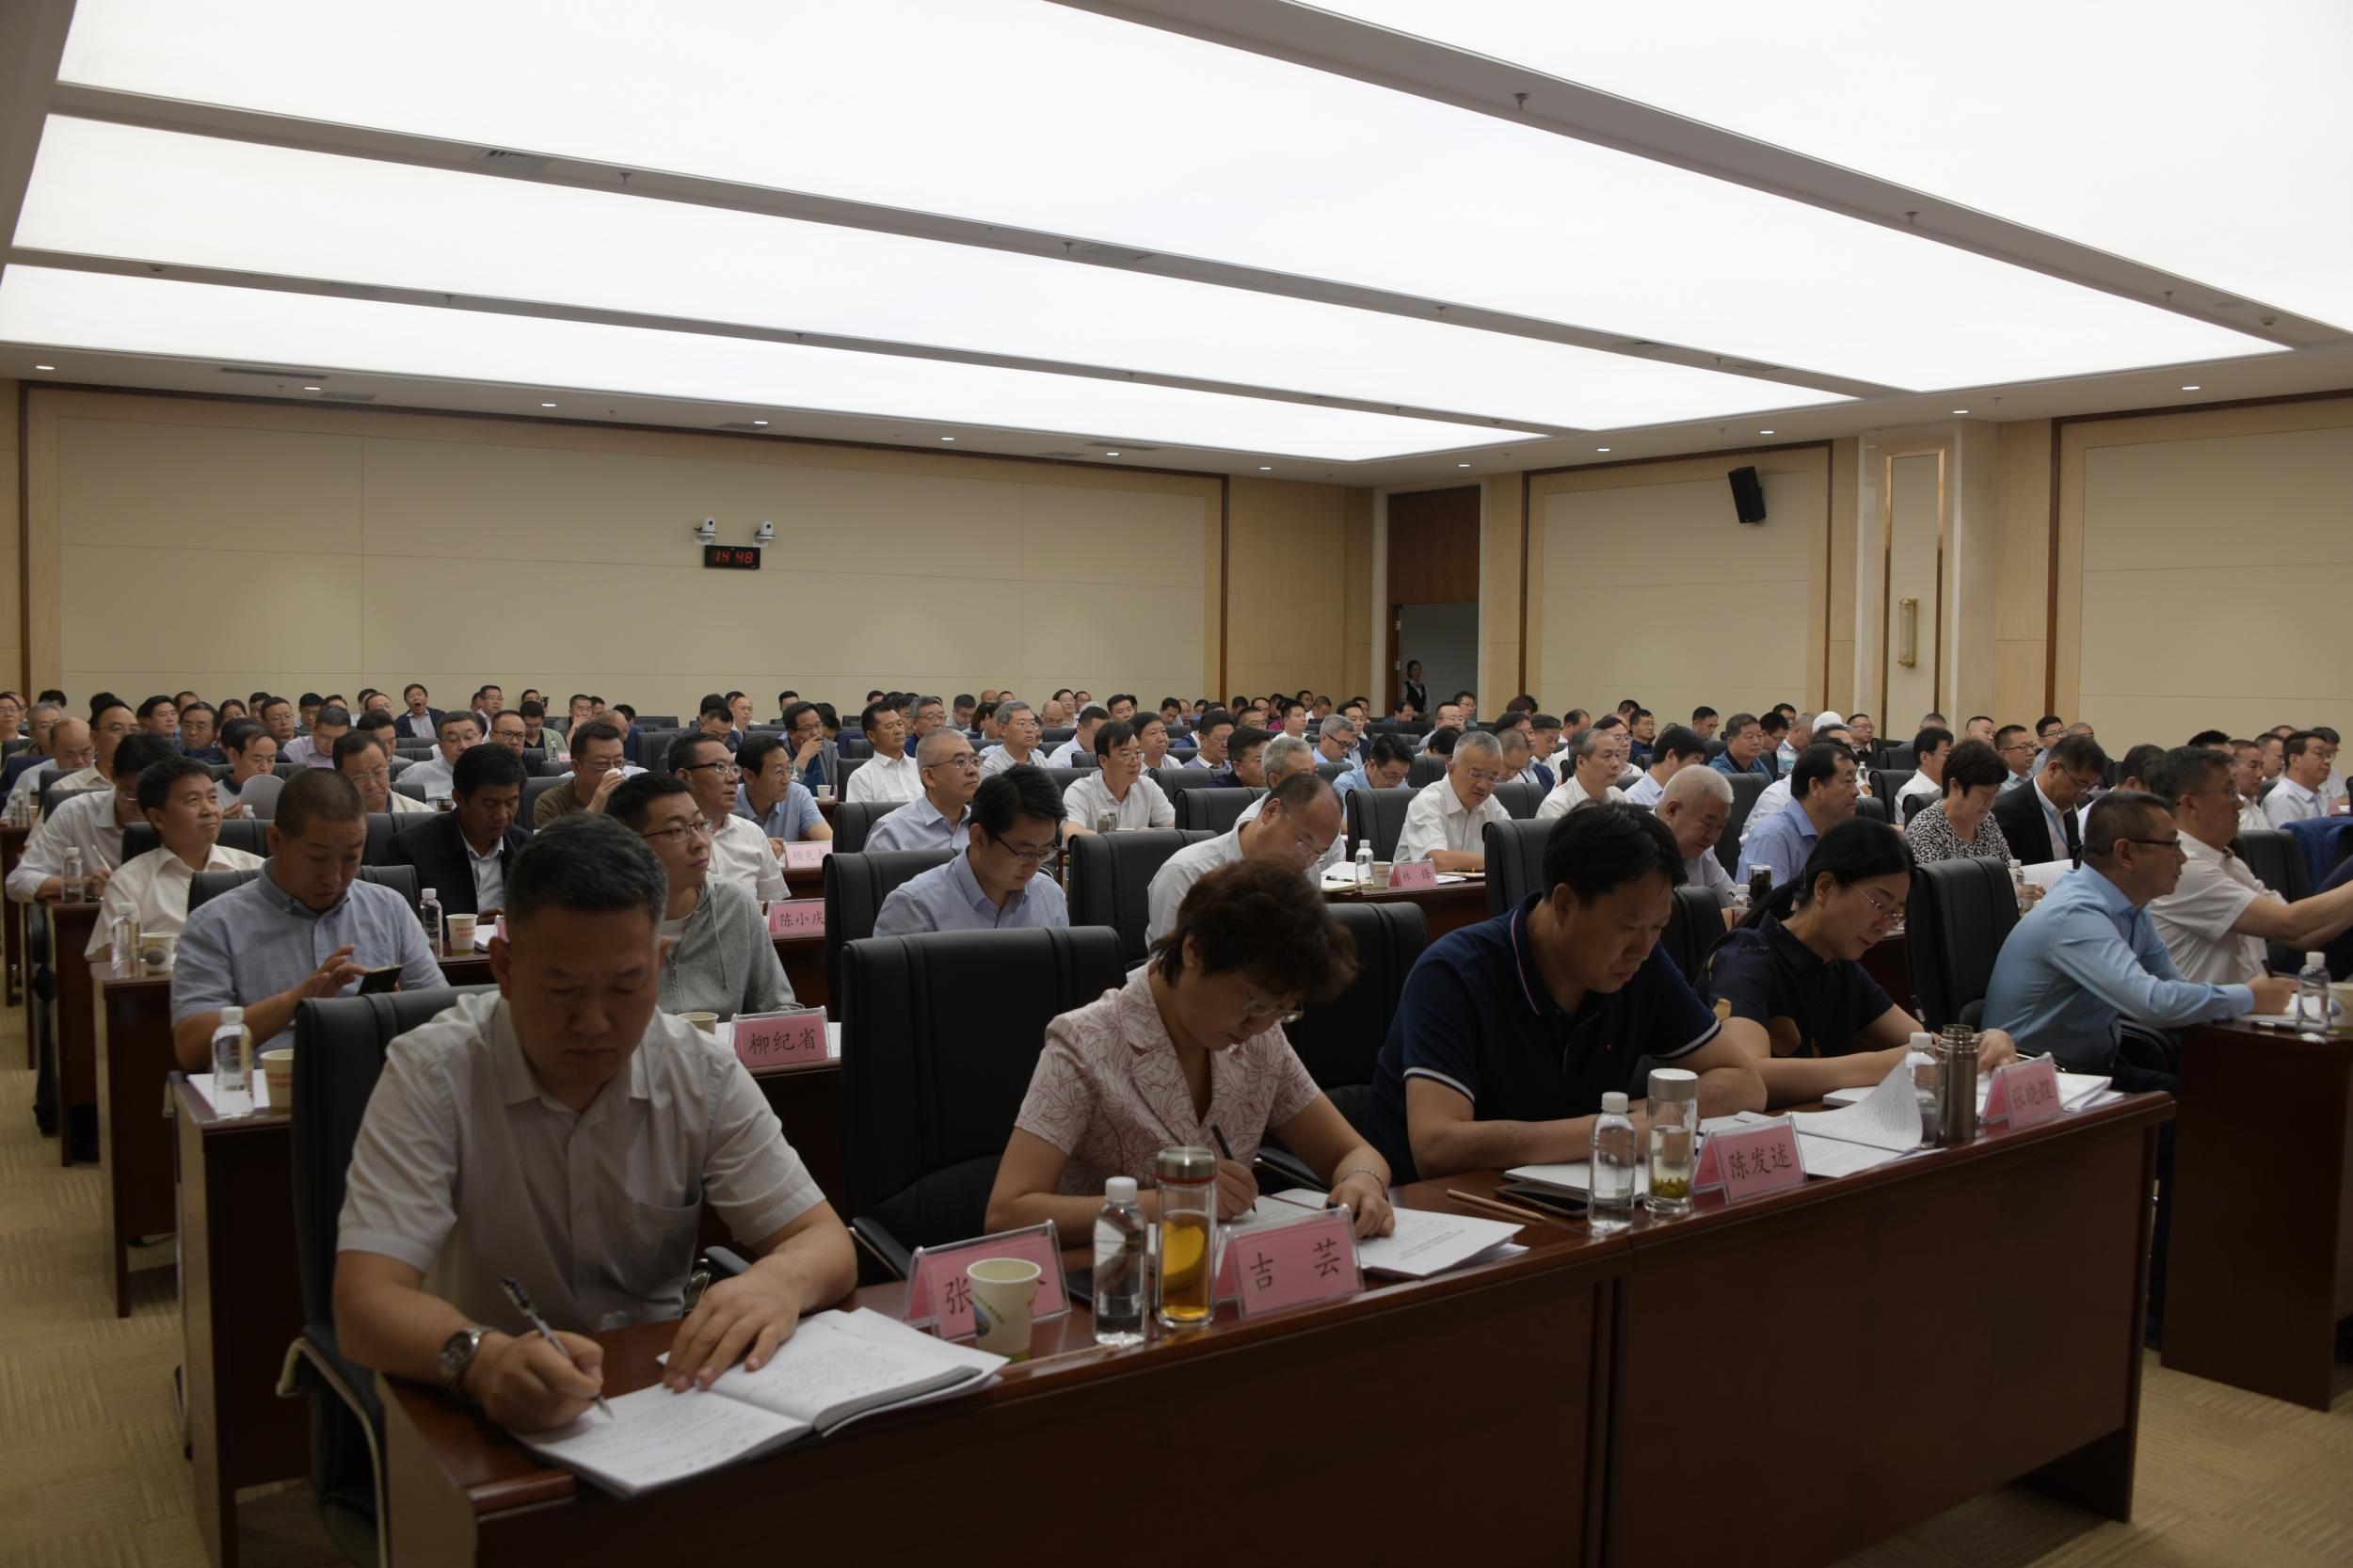 甘肃省物产集团_甘肃签订21个混改合作和产业链协同合作项目协议-甘肃-每日甘肃网